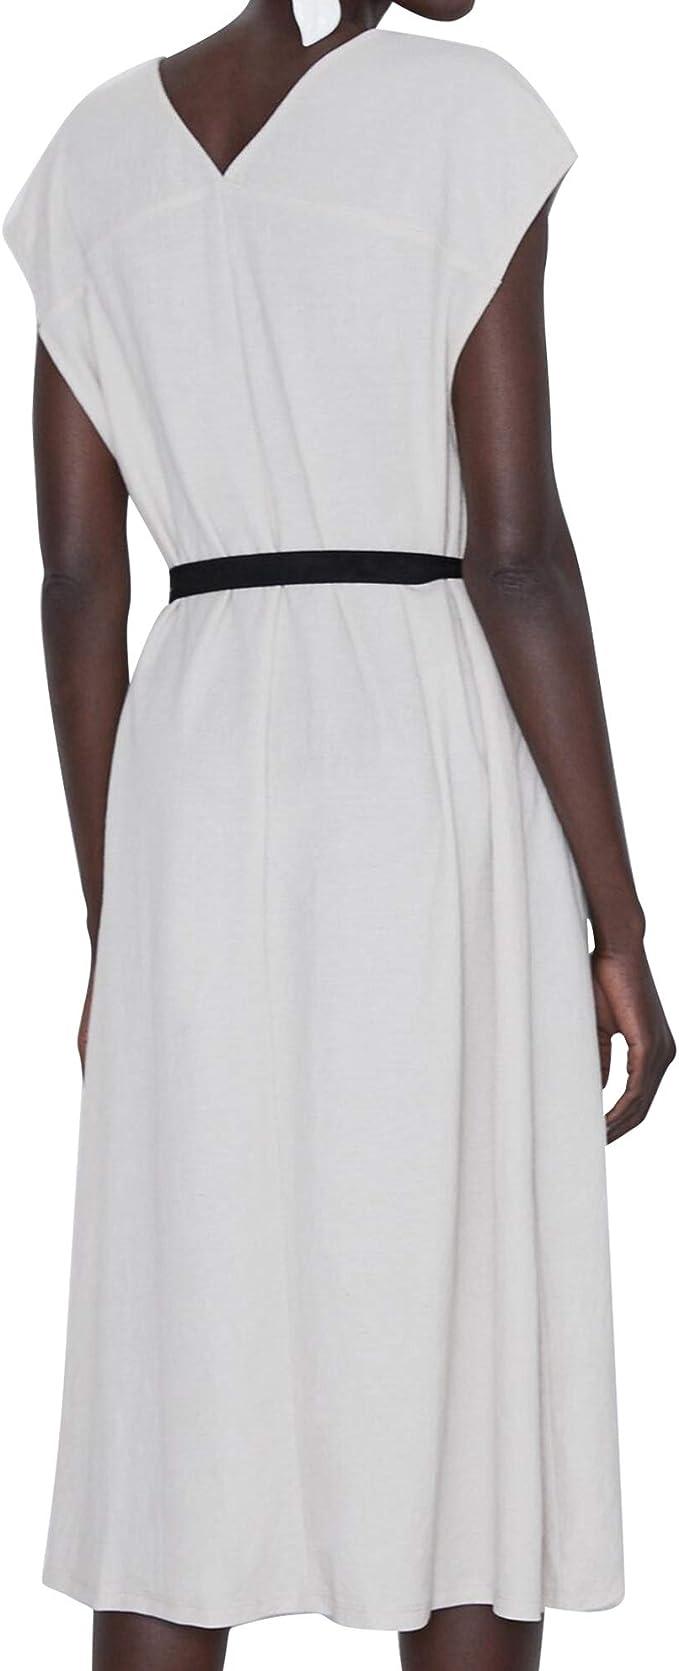 Zara 5580/628 - Vestido con cinturón para Mujer - Gris ...